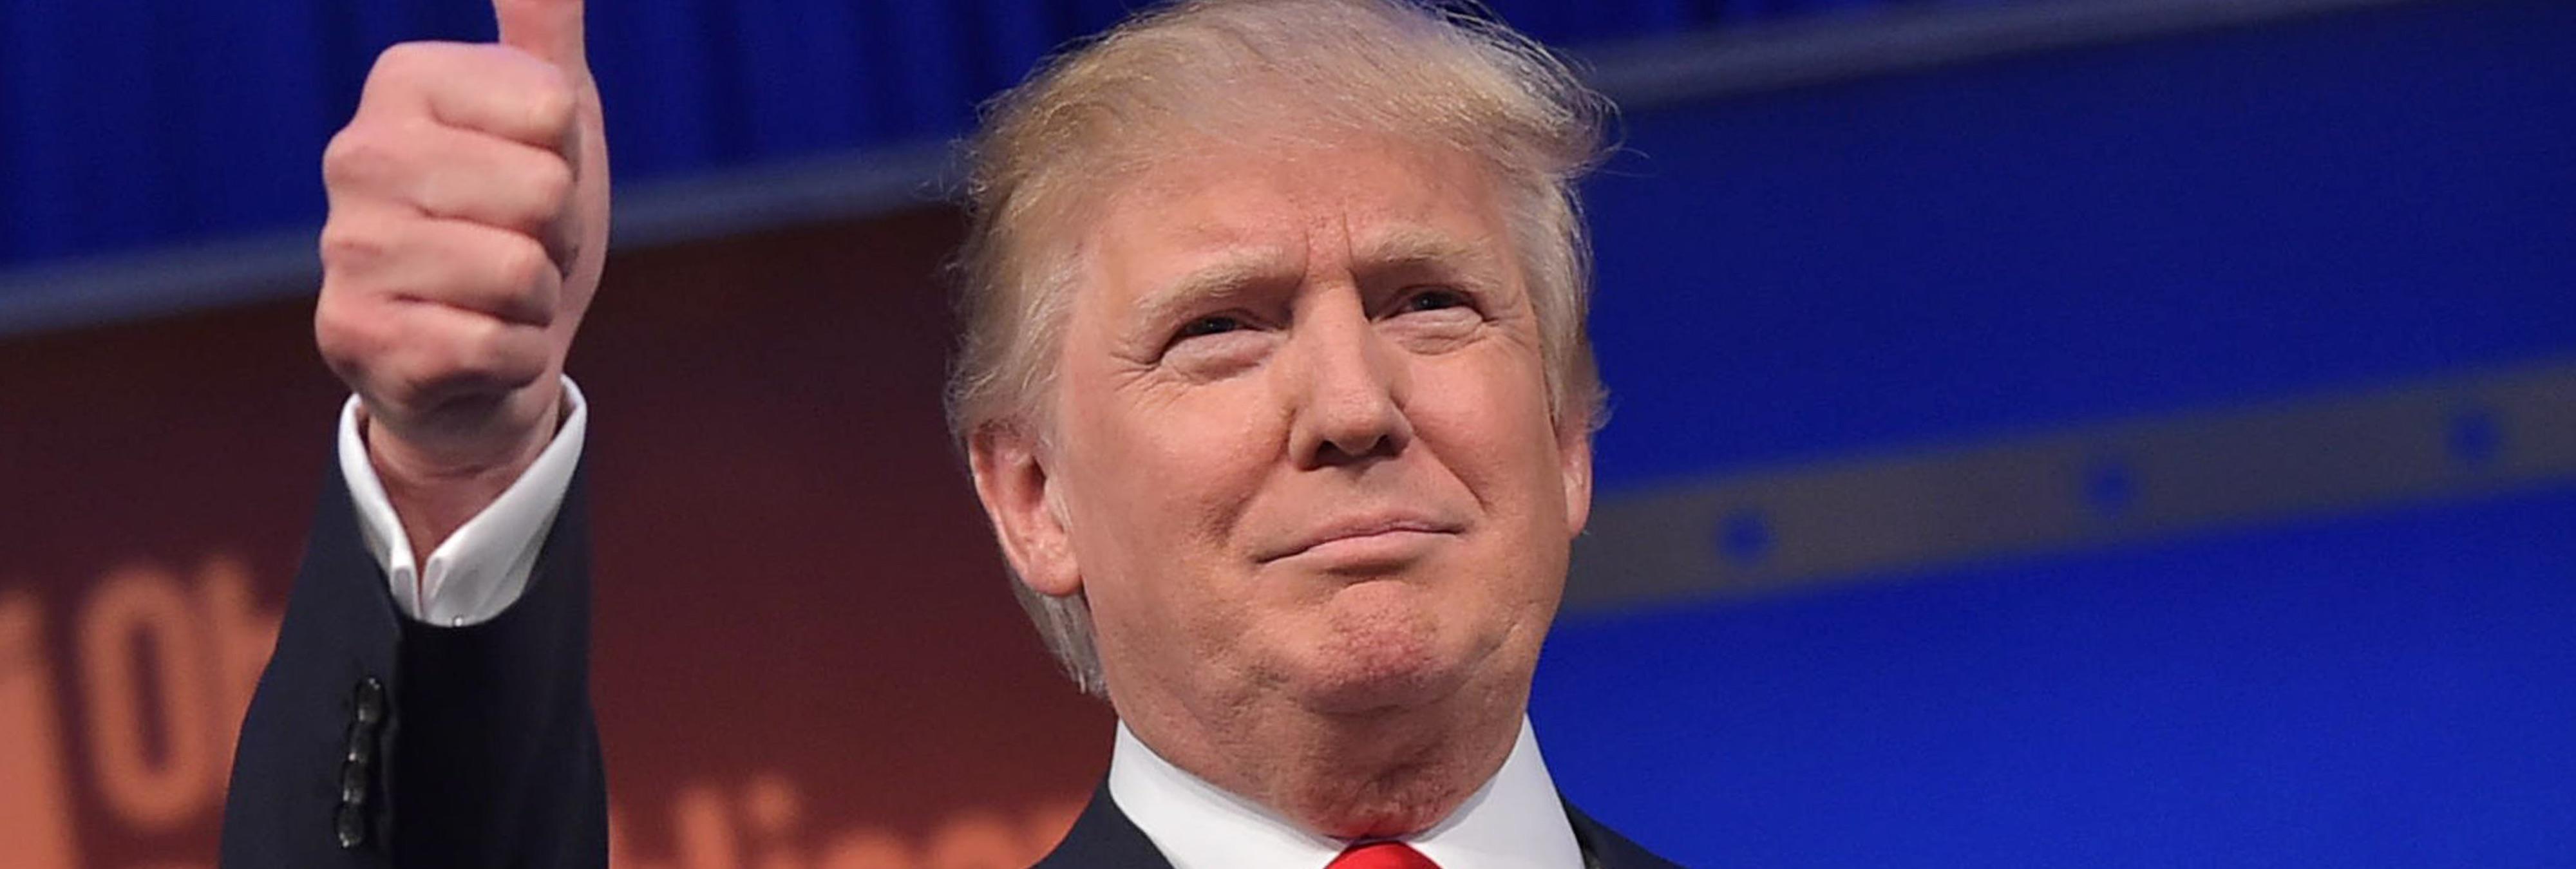 9 motivos por los que Donald Trump podría ser el próximo Presidente de los Estados Unidos